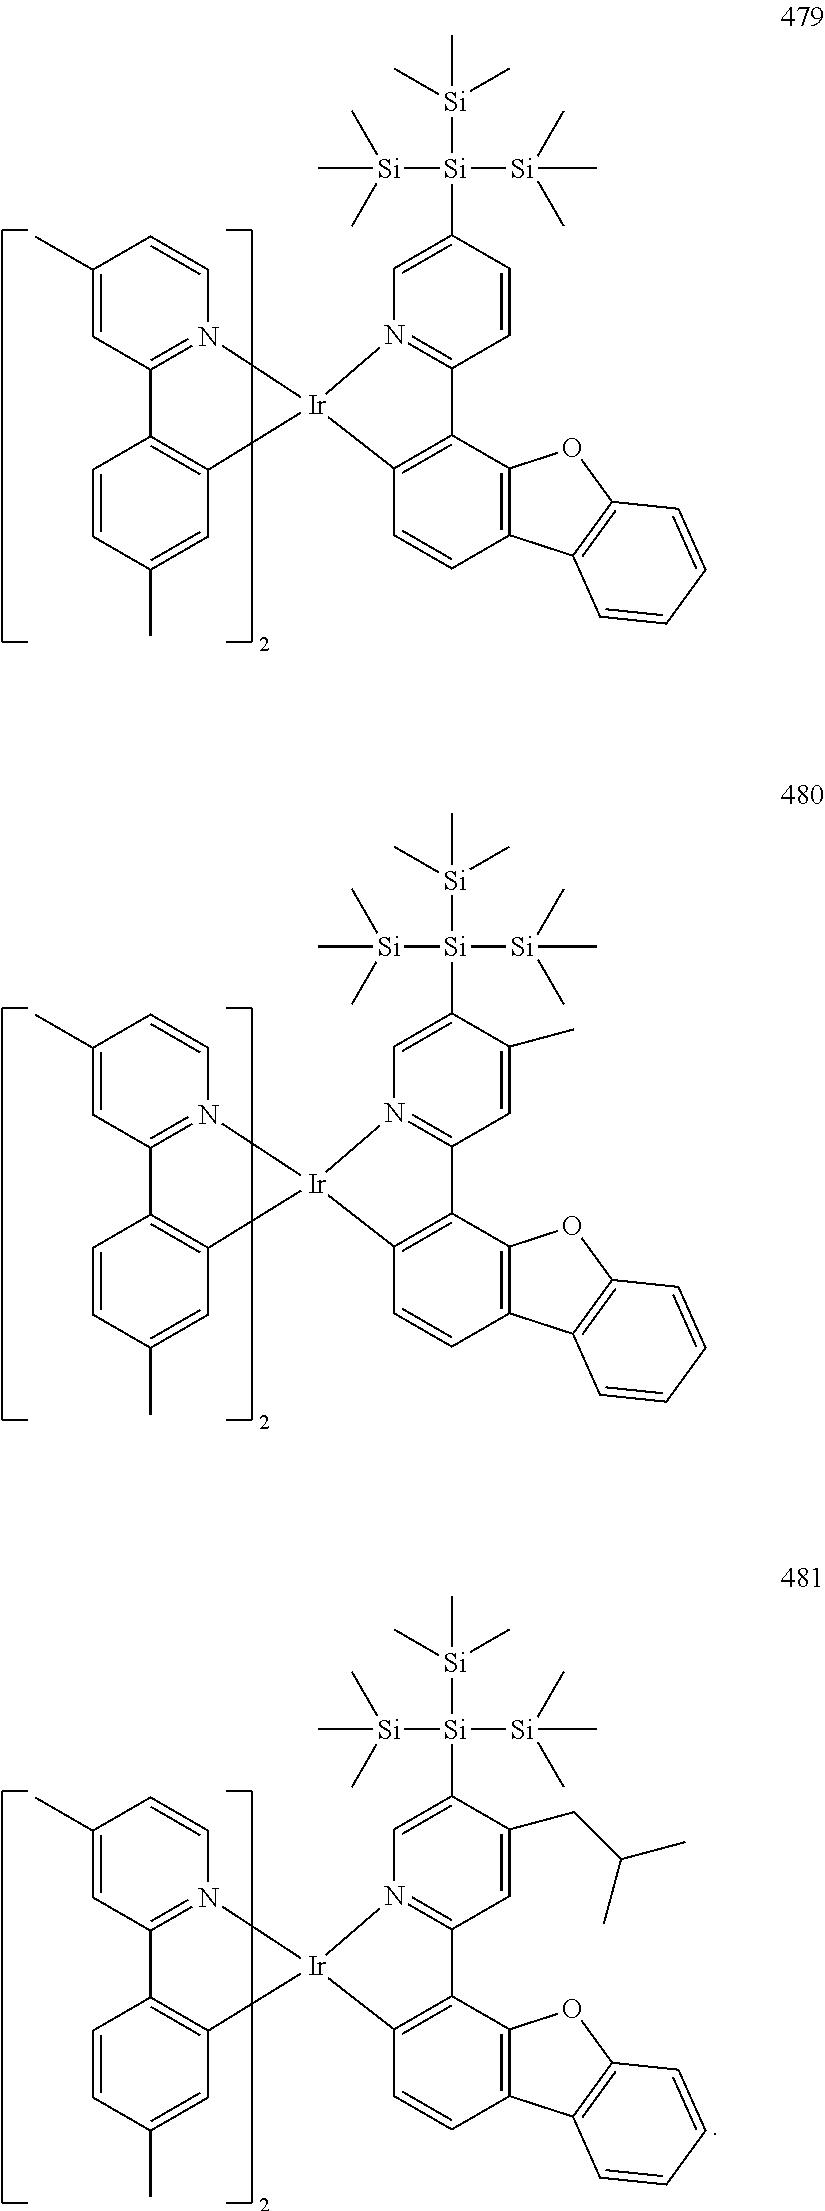 Figure US20160155962A1-20160602-C00459